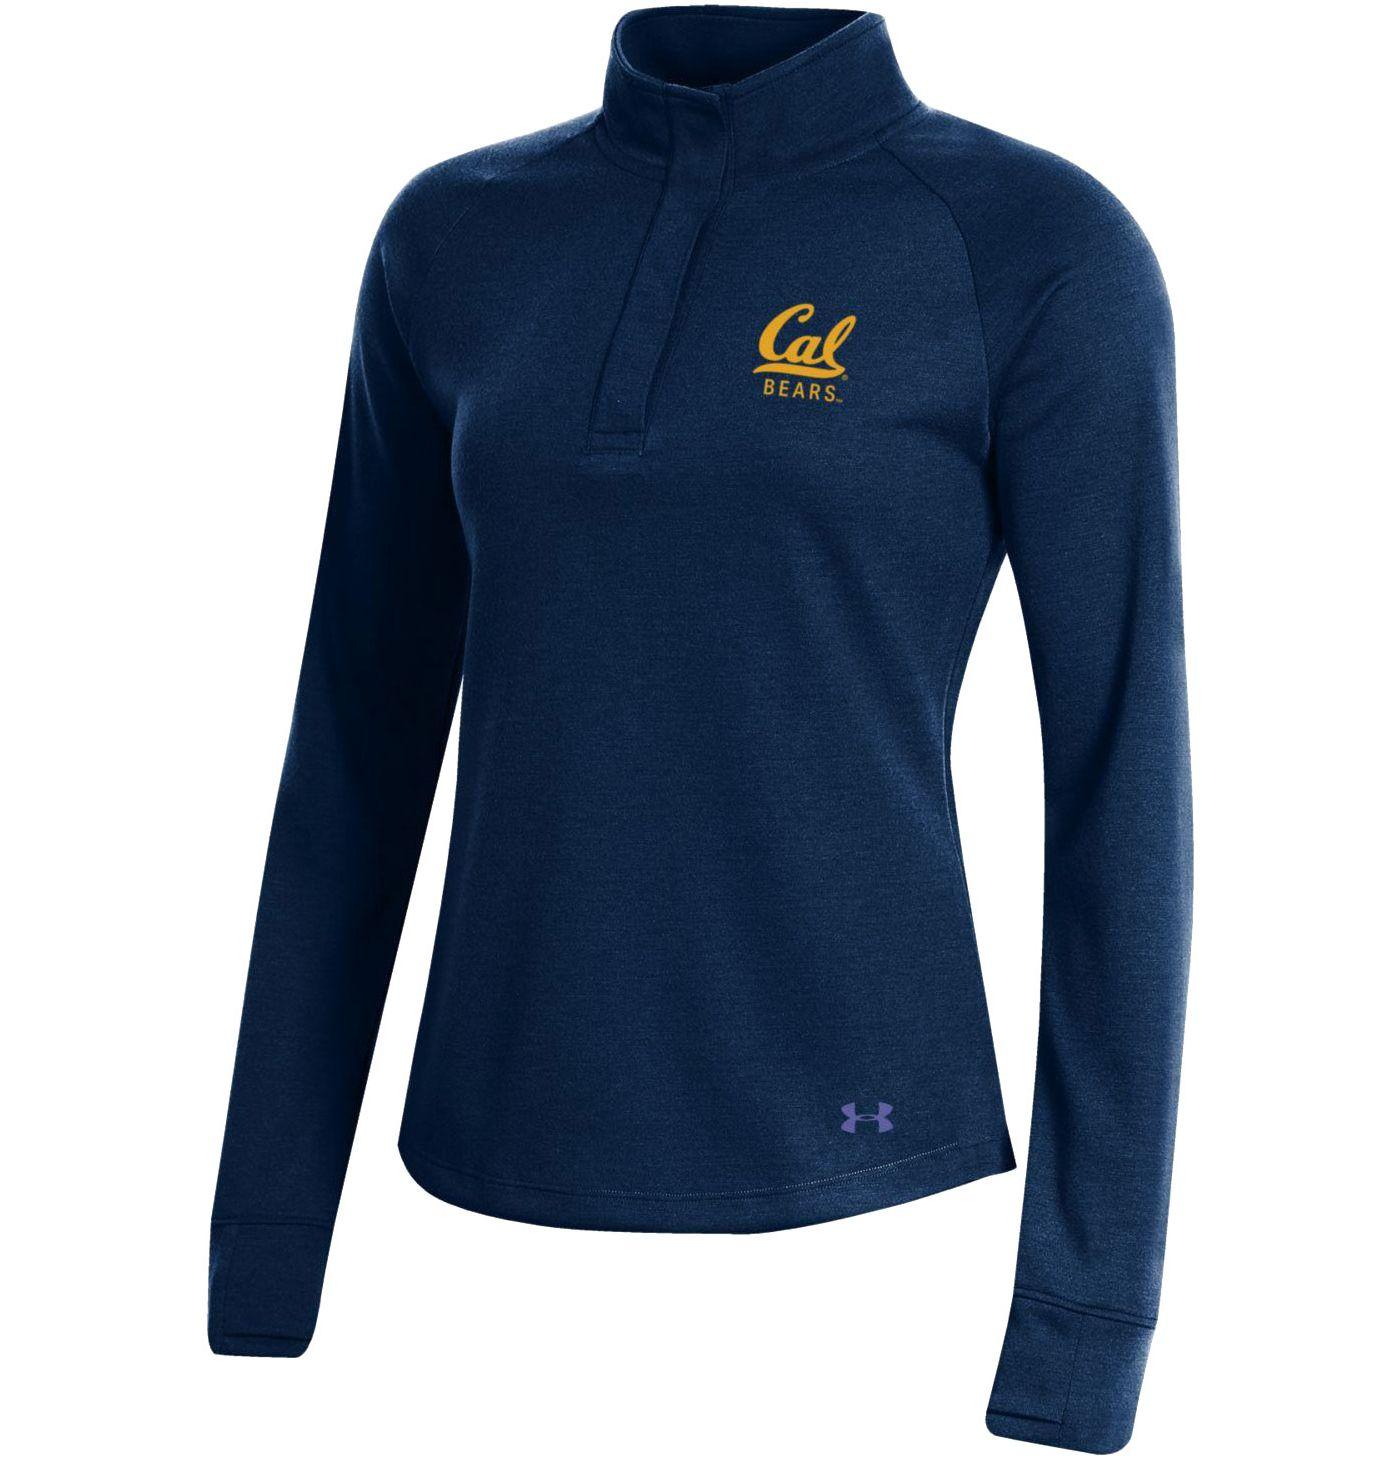 Under Armour Women's Cal Golden Bears Blue Double Knit Quarter-Snap Shirt